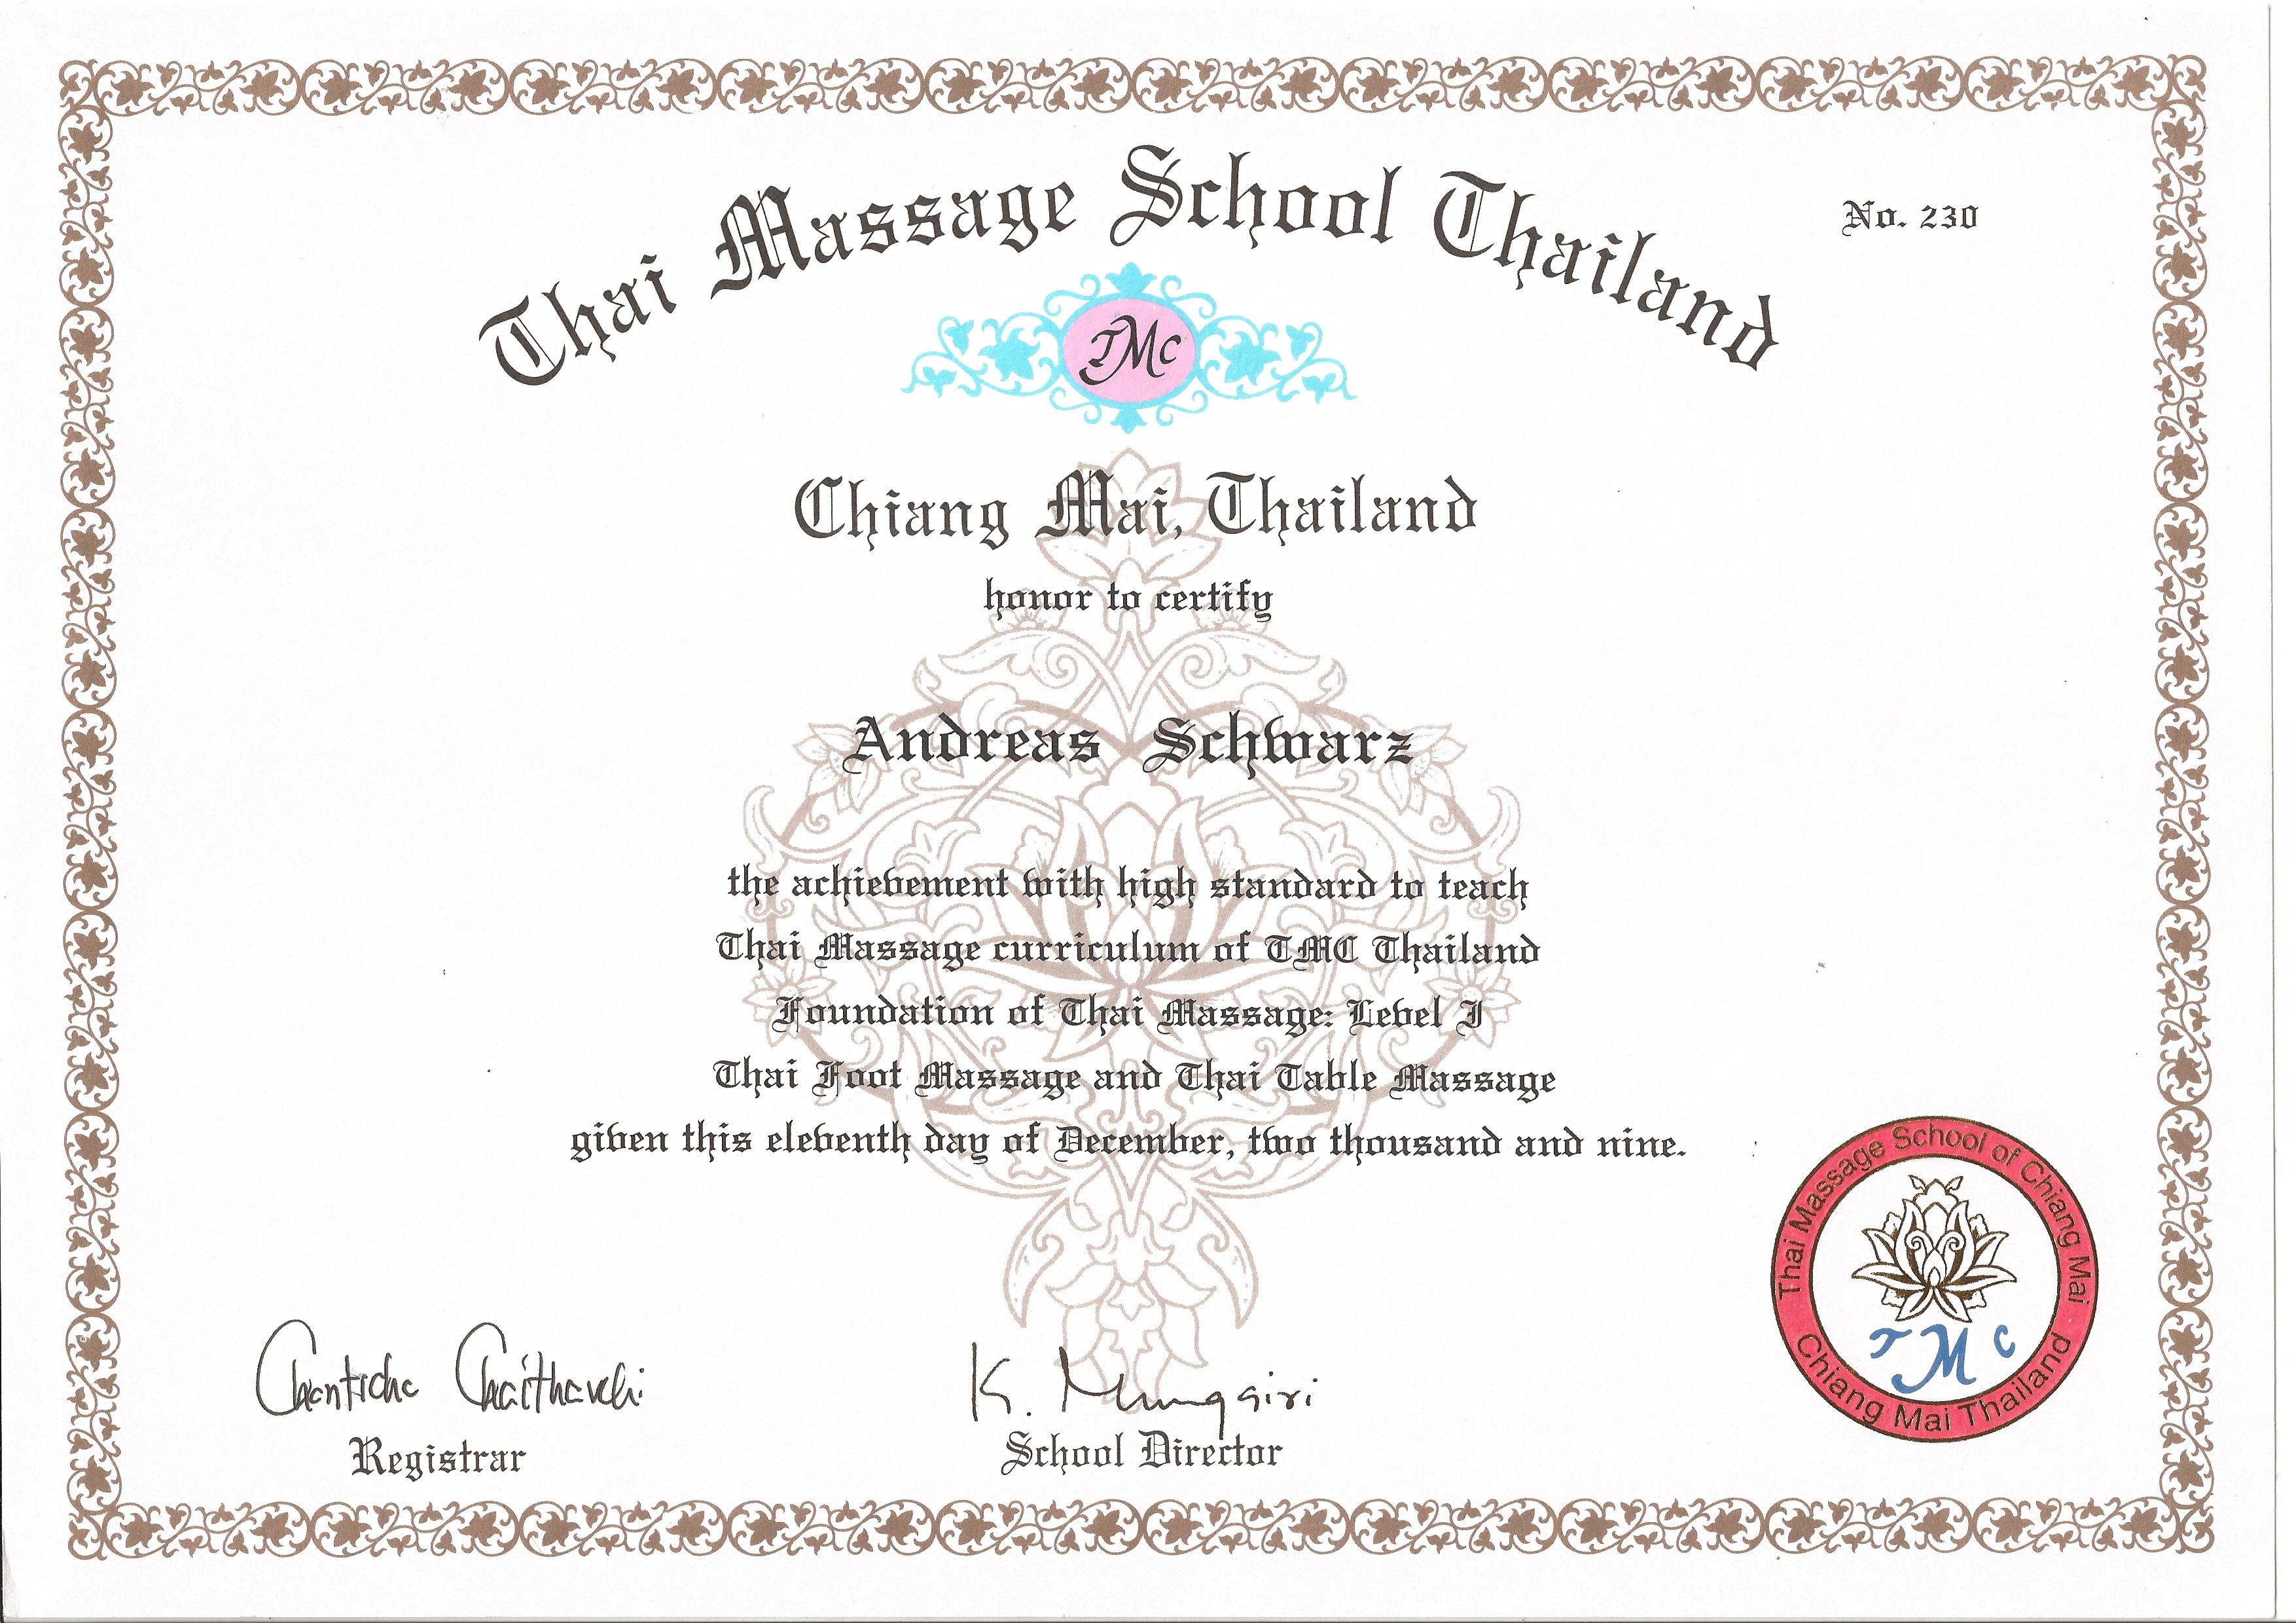 achievement GCT300 Dec. 11, 2009